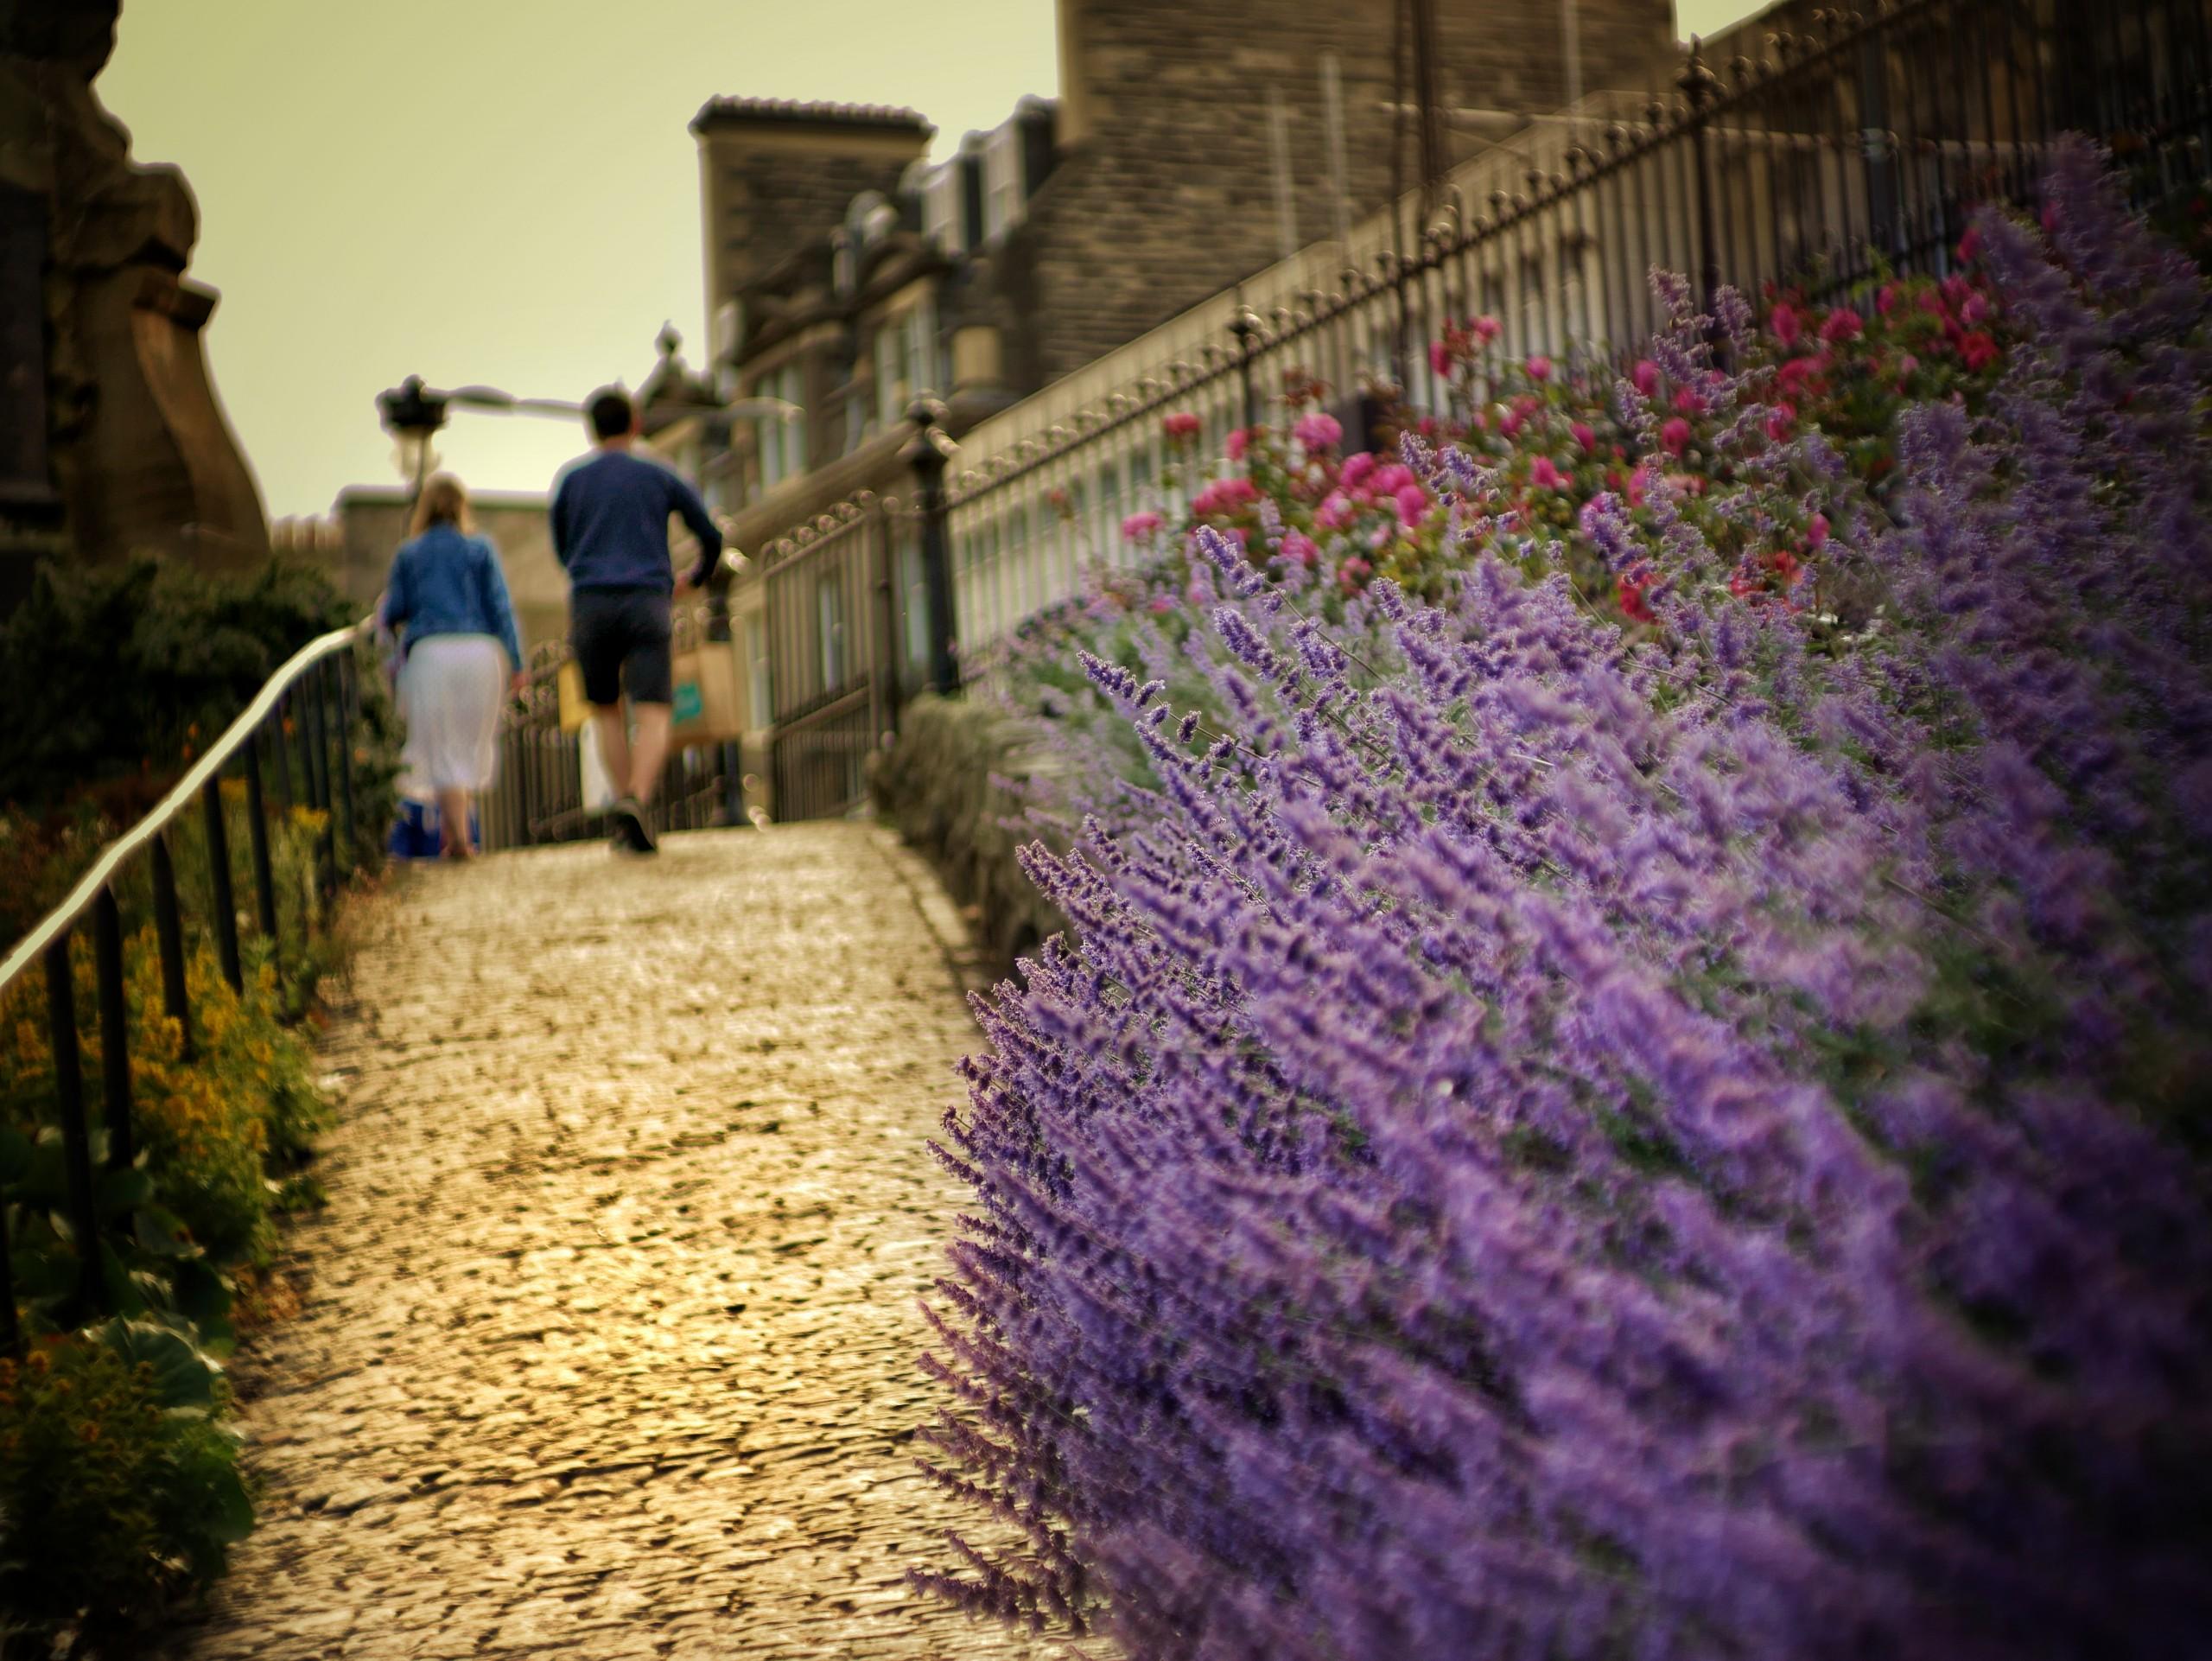 Couple walking on a sidewalk